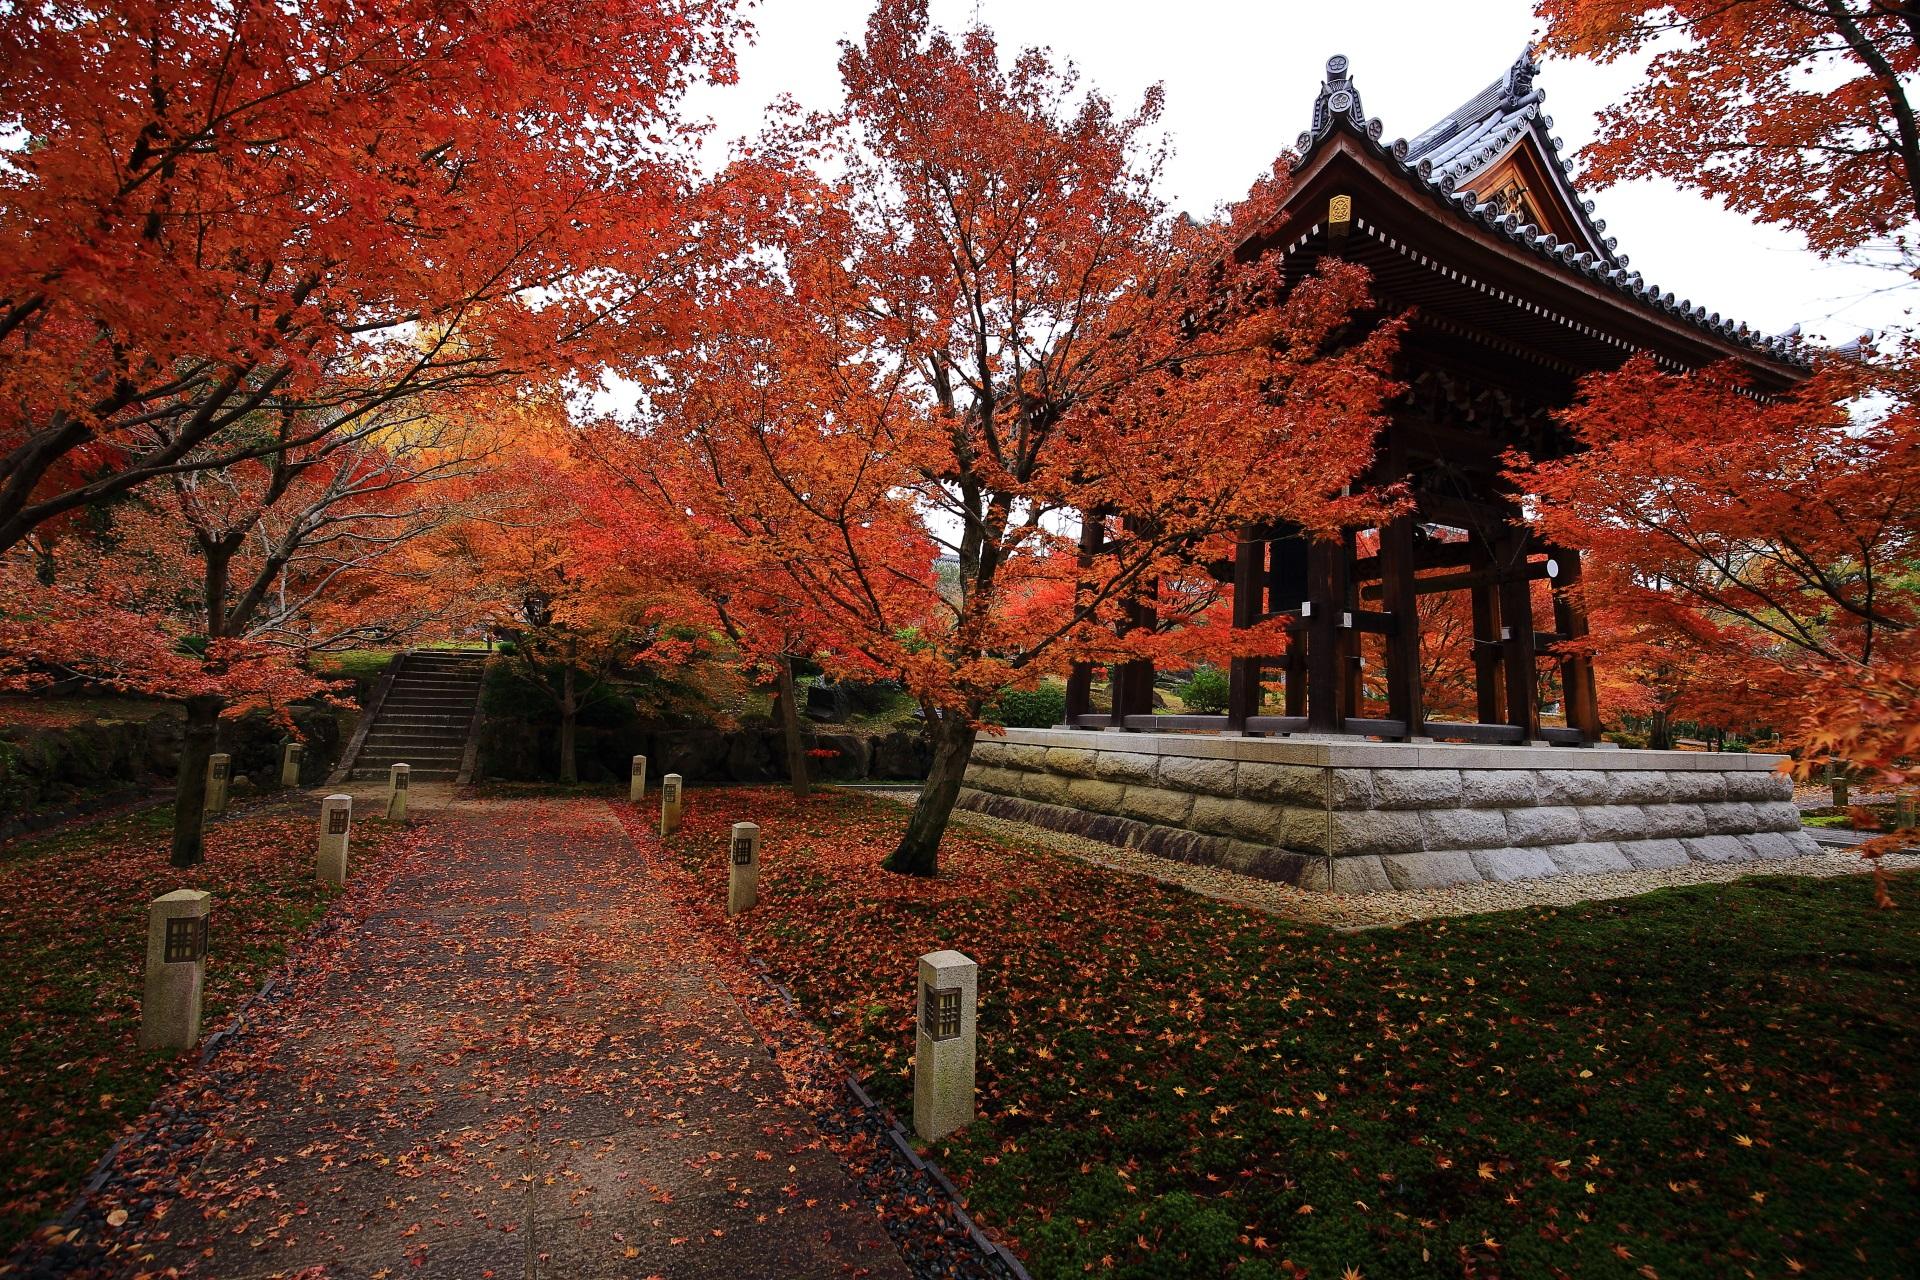 智積院の素晴らしい紅葉と散りもみじや秋の情景